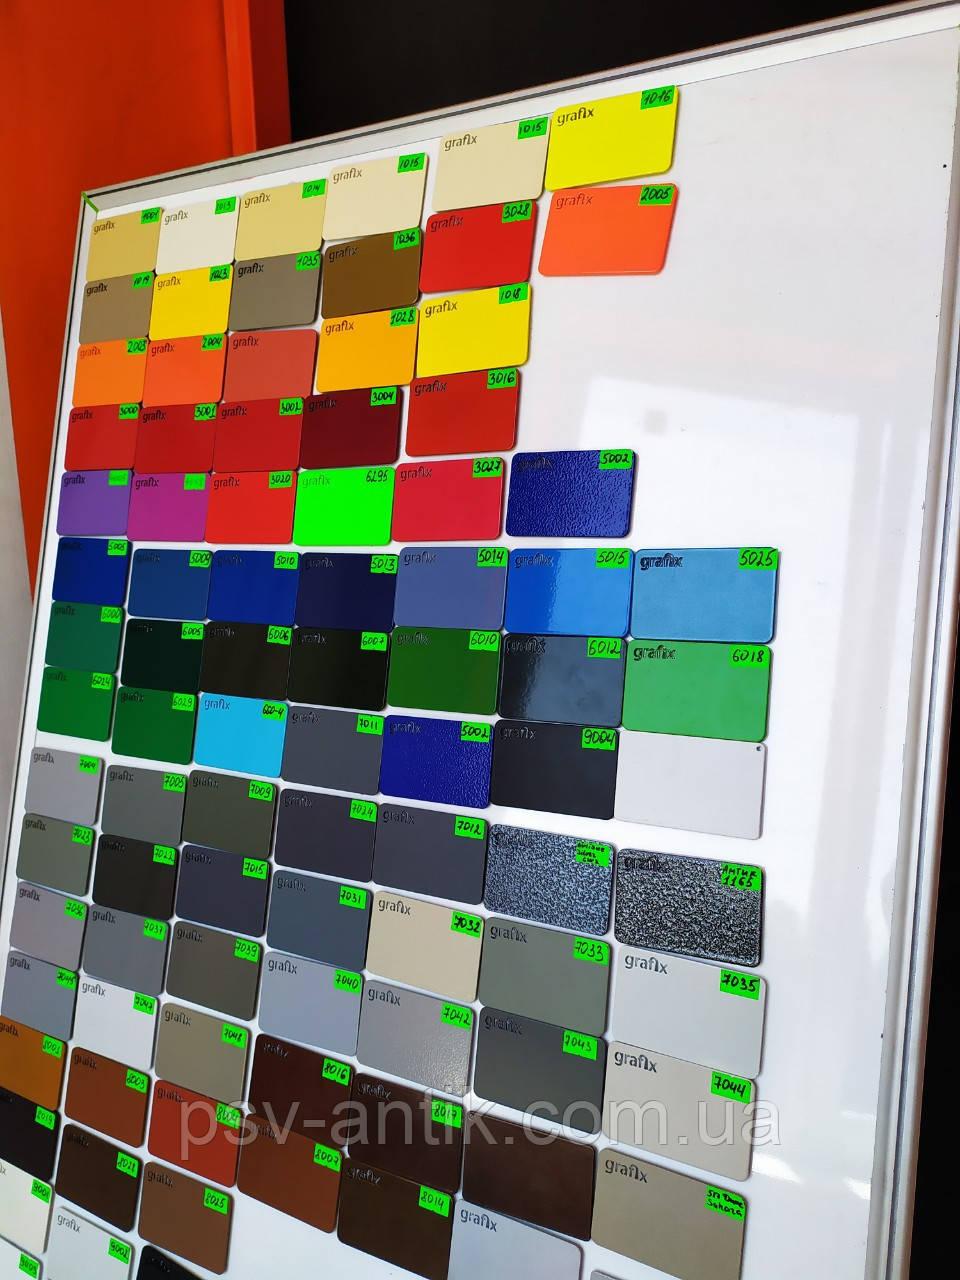 Порошковая краска структурная, полиэфирная, архитектурная, 518